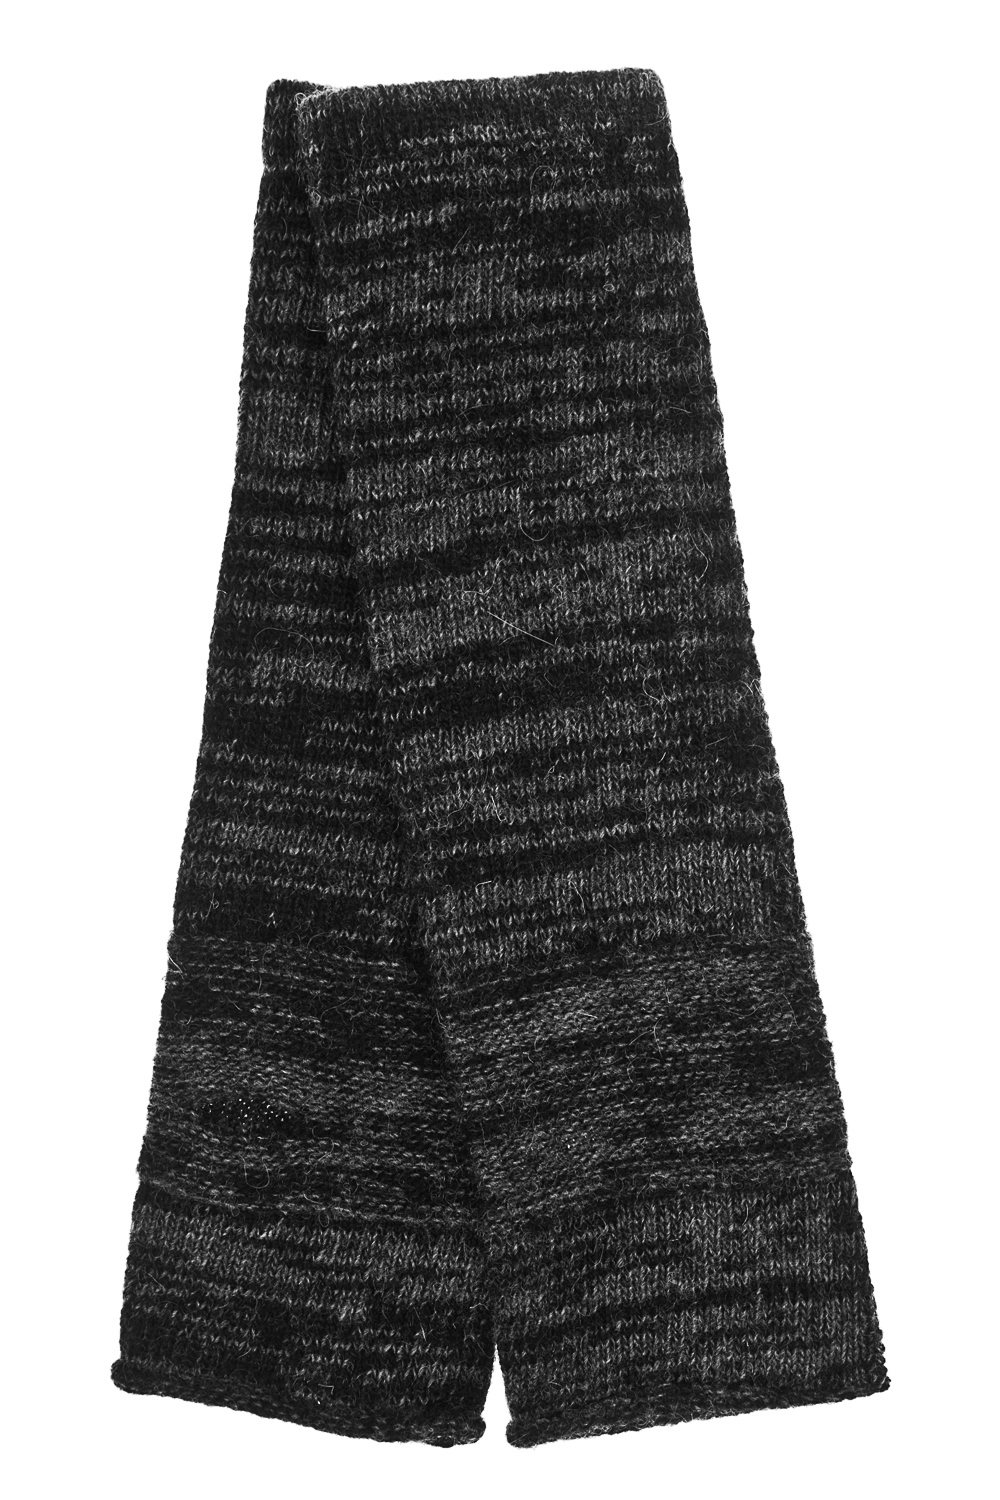 Перчатки-рукава шерстяные ЭндиСостав: 80% шерсть, 20% нейлон.<br>